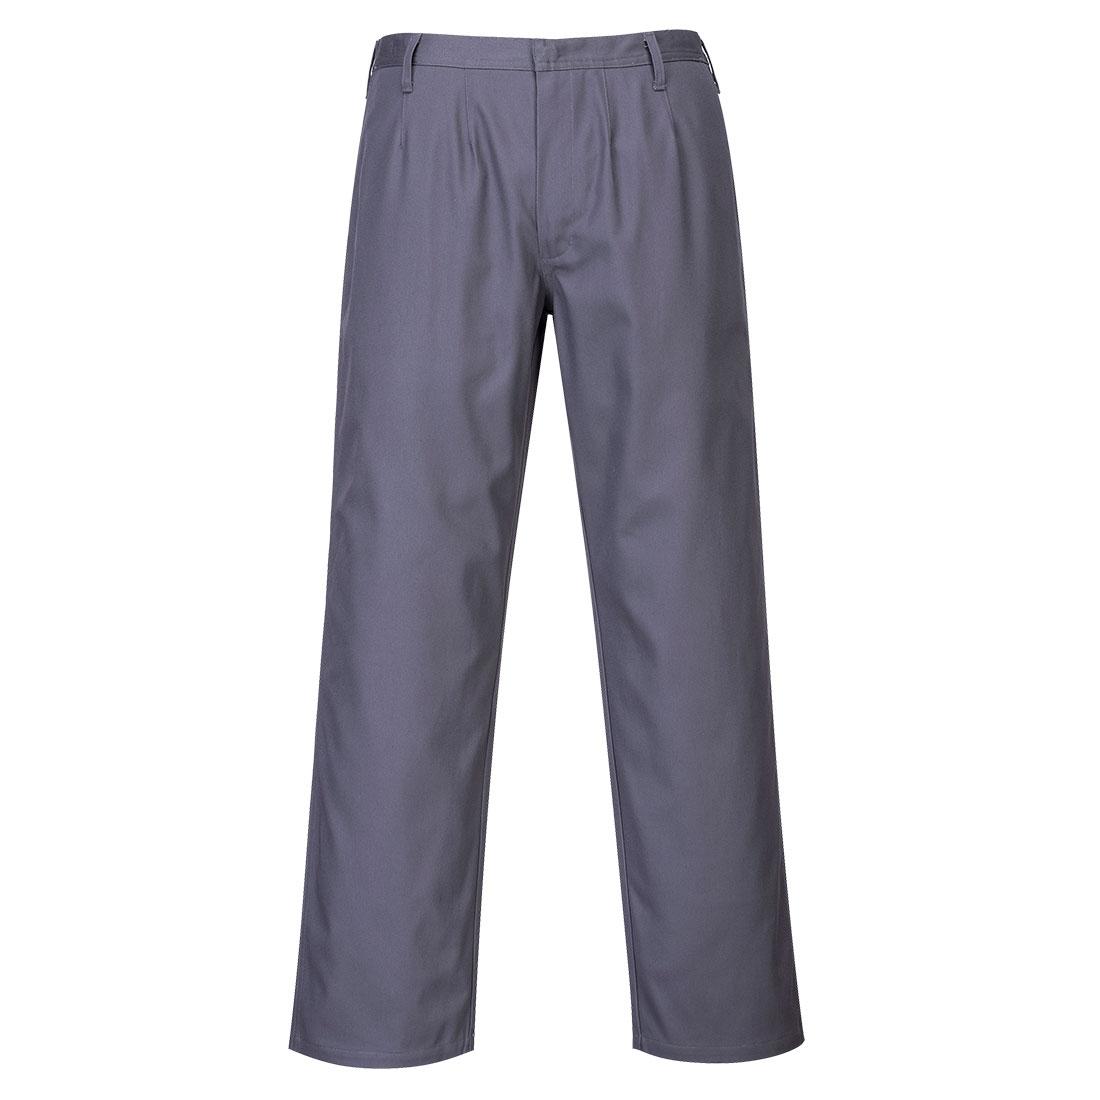 Bizflame Pro Trousers Grey XL